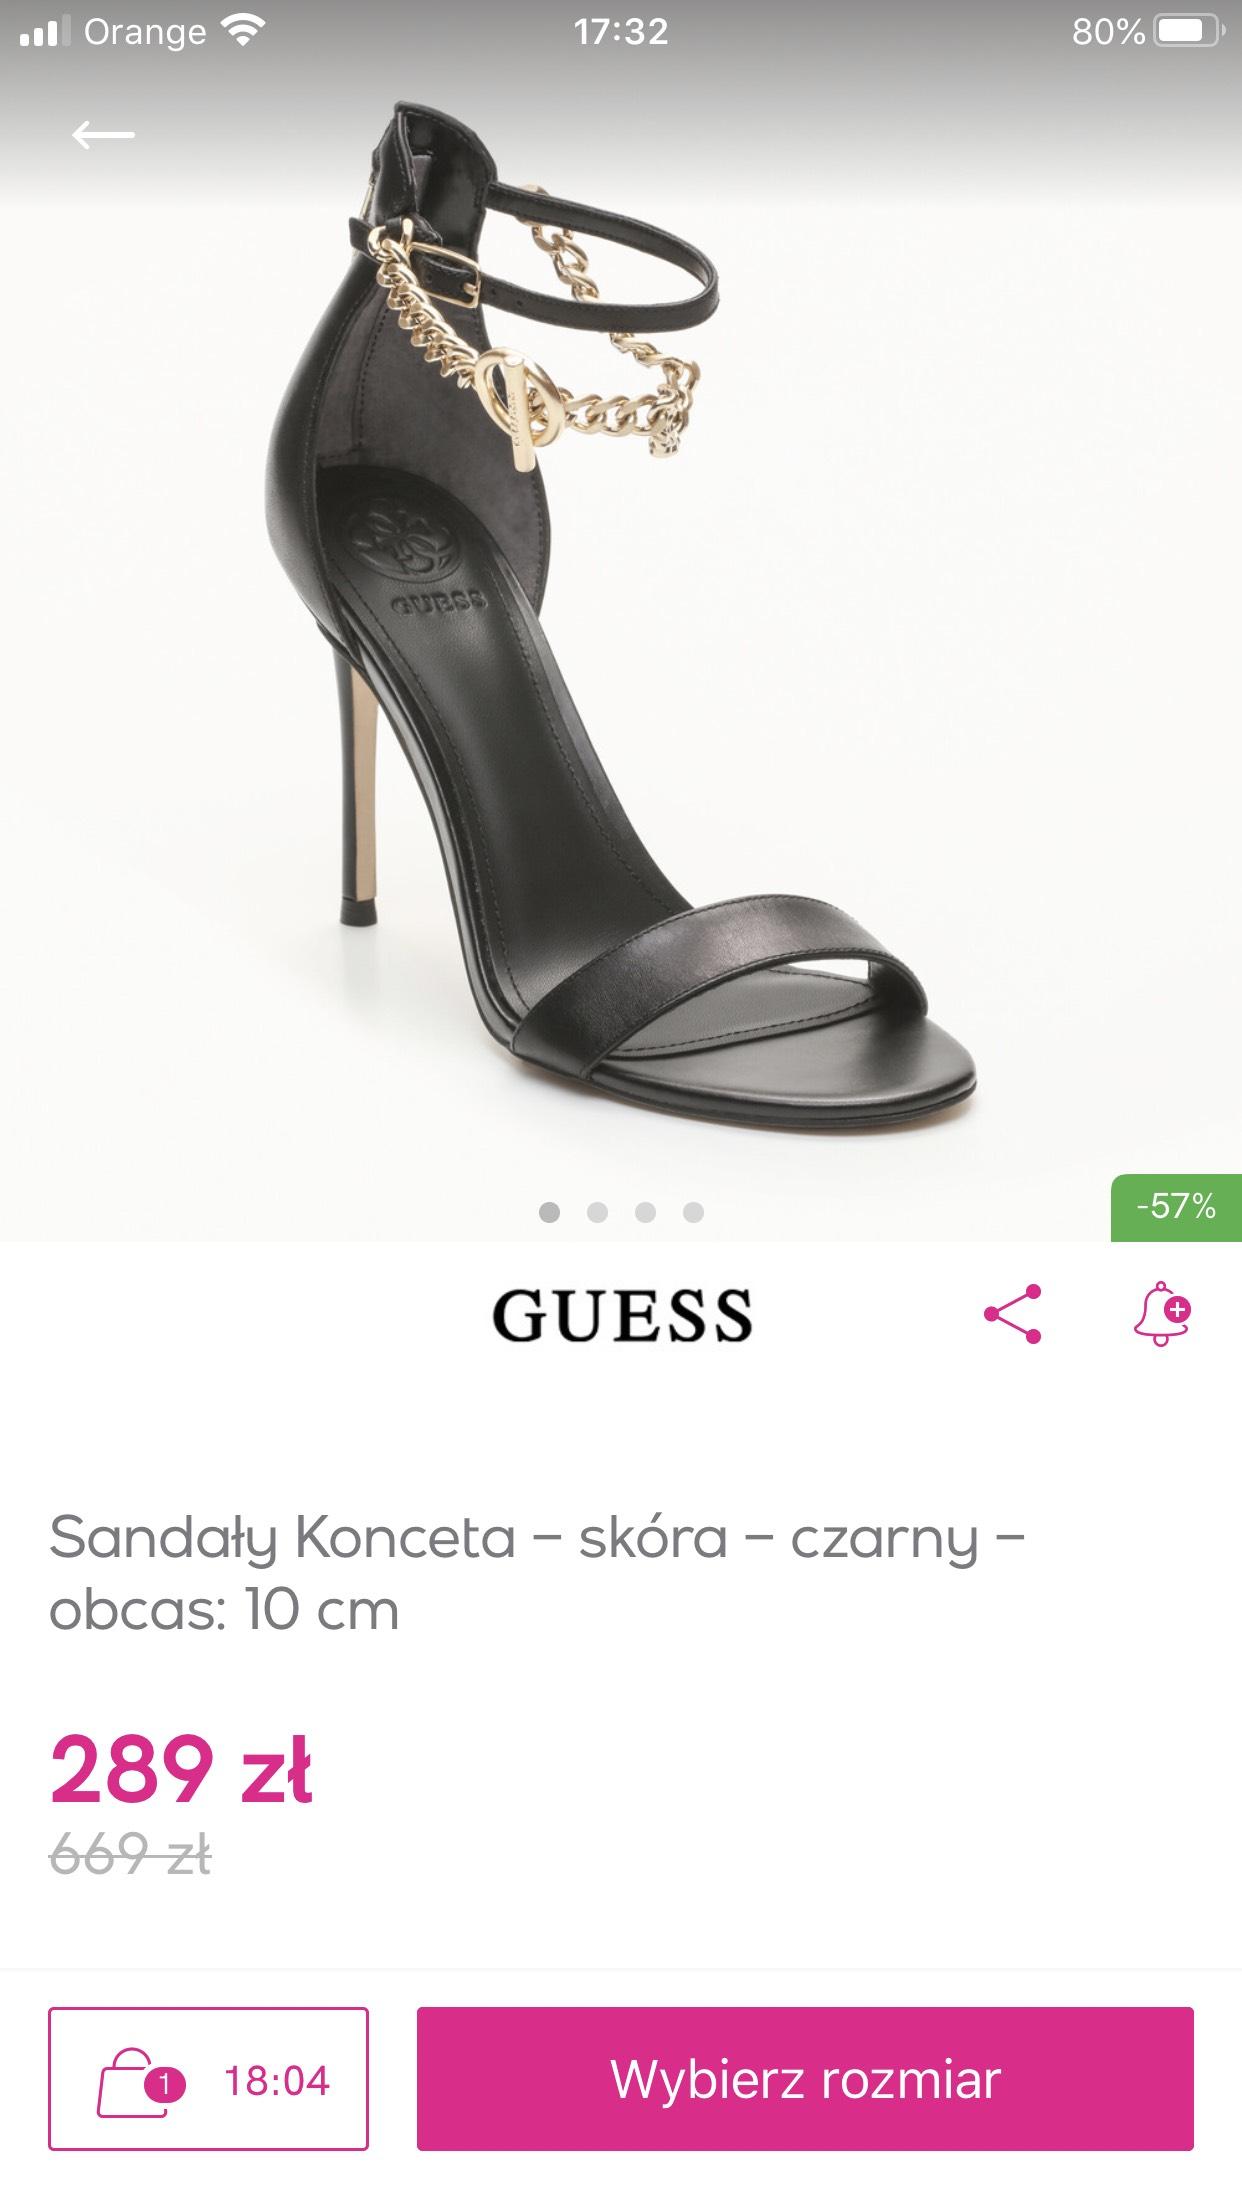 Buty Guess - wiele modeli, ceny nawet poniżej 300zł